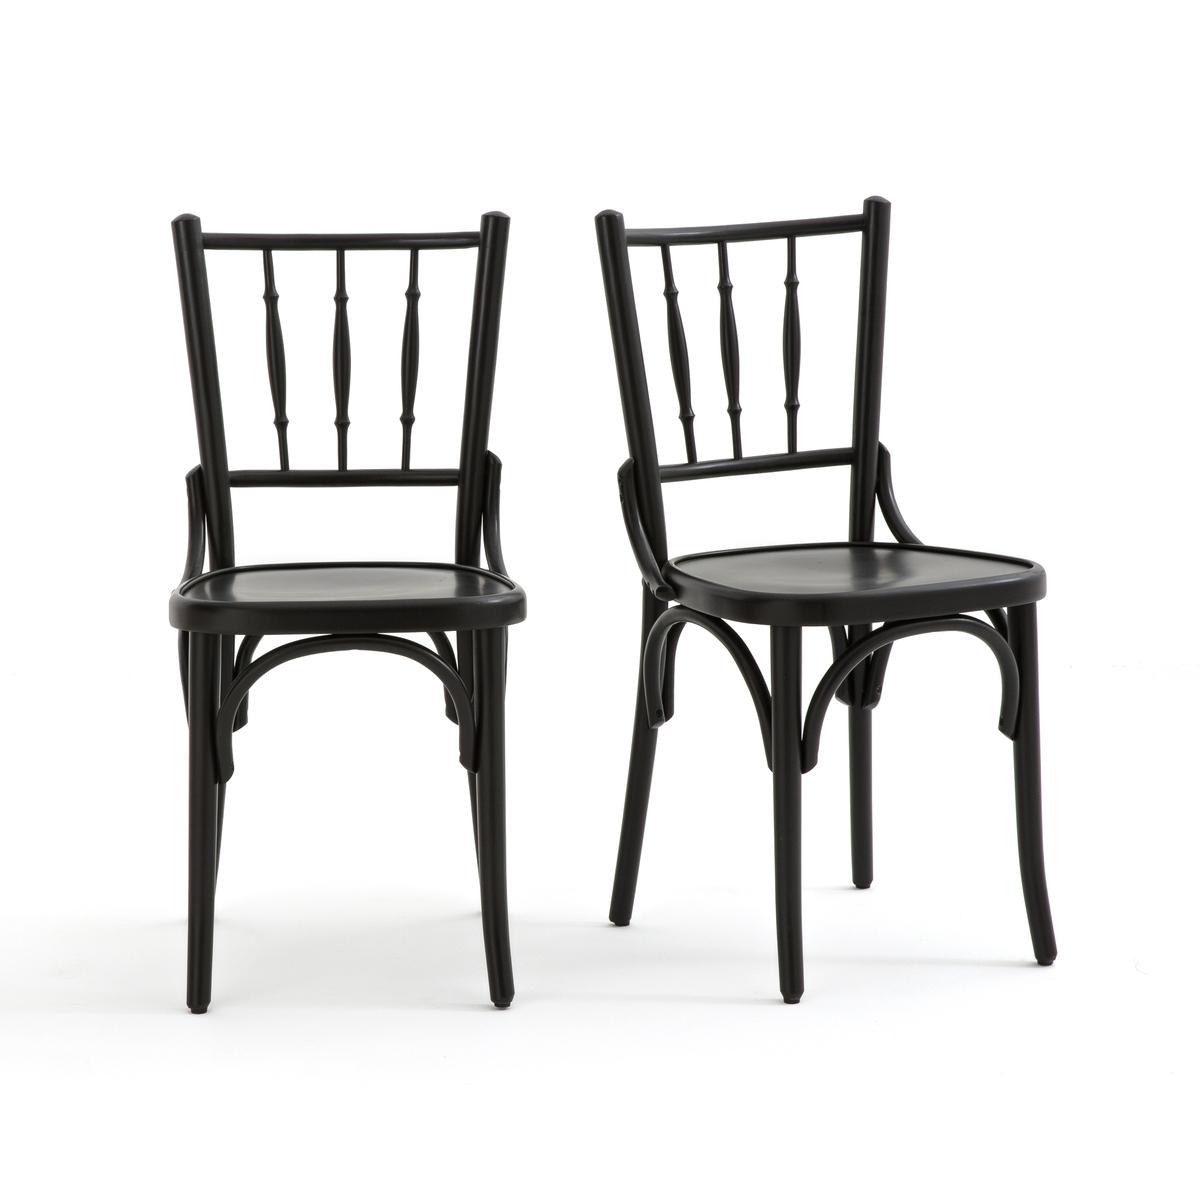 Комплект из высоких стульев La Redoute BISTRO единый размер черный комплект из высоких стульев la redoute bistro единый размер бежевый